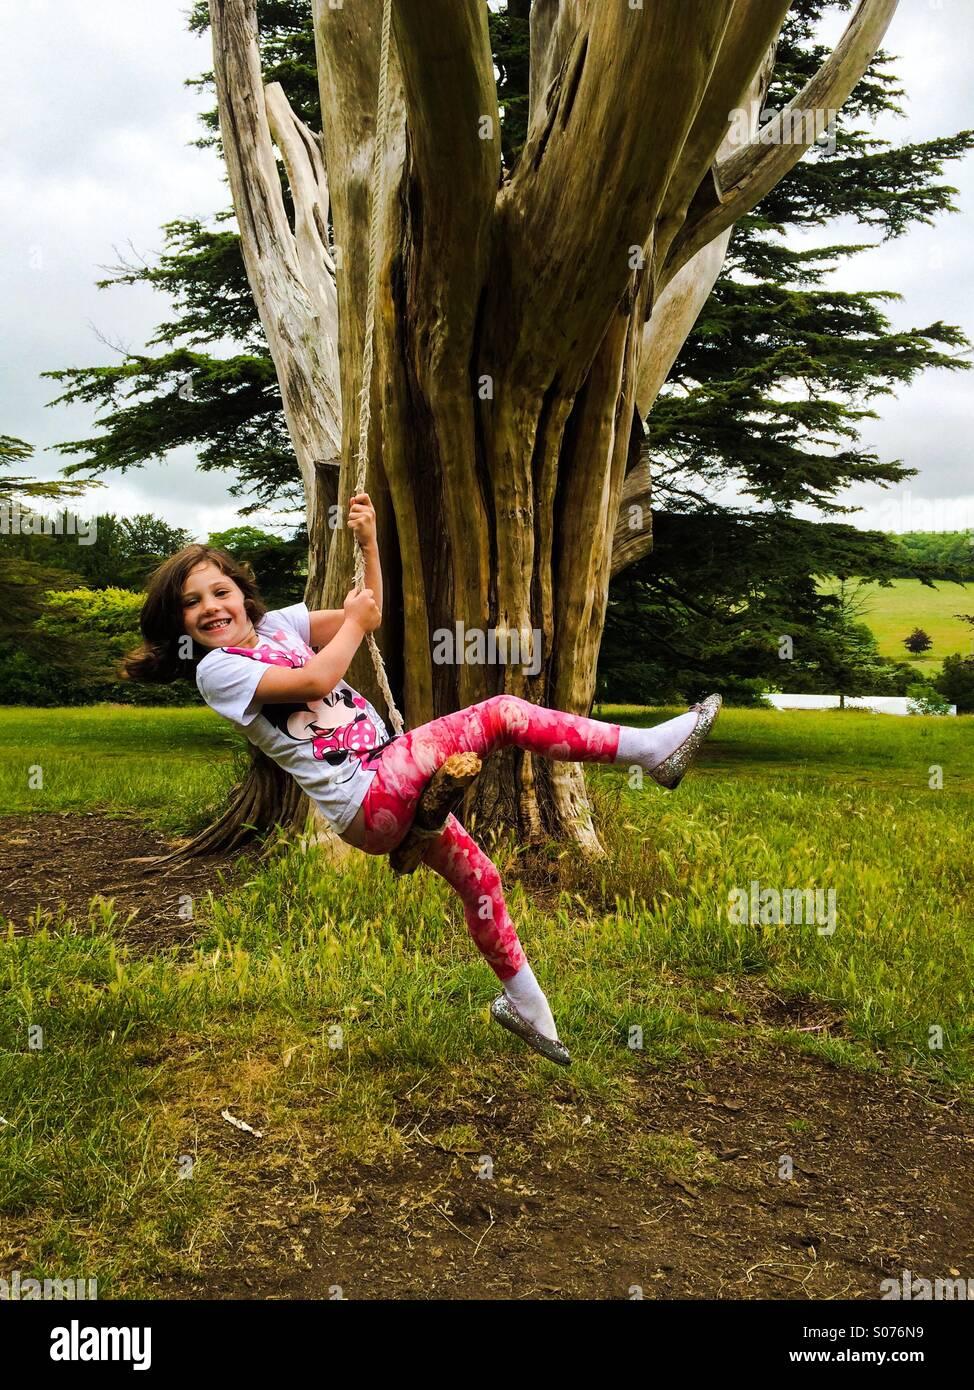 Petite fille de cinq ans sur tree swing Photo Stock